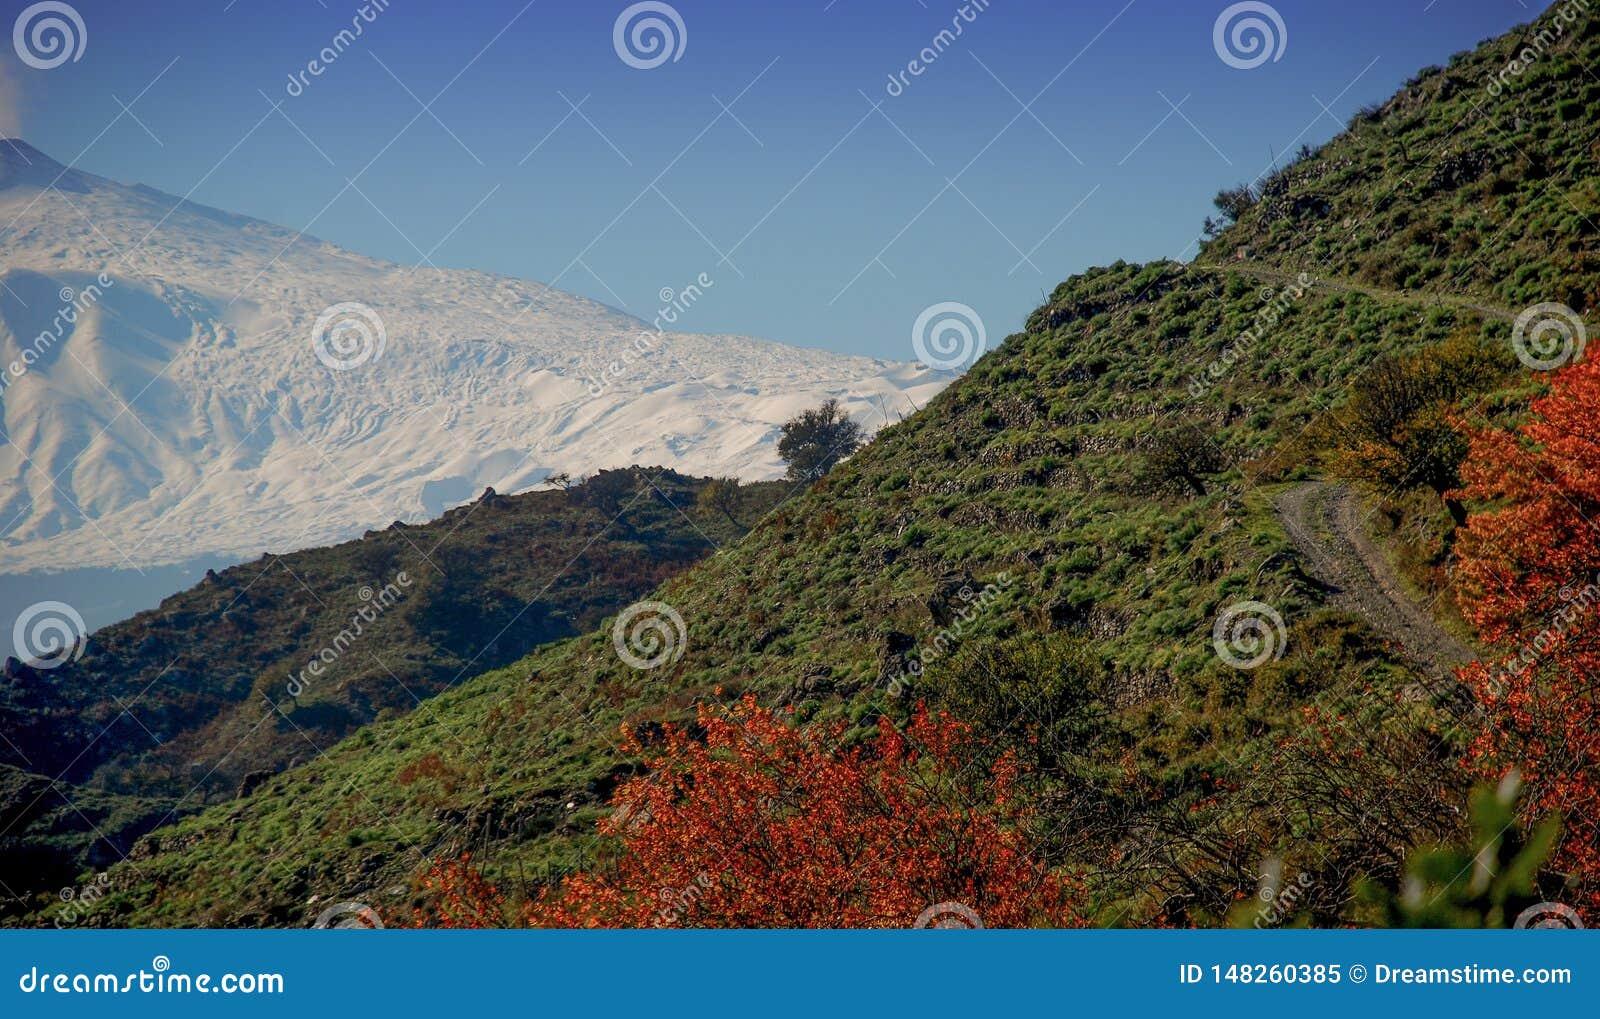 Sch?nes Bild Etna Volcanos